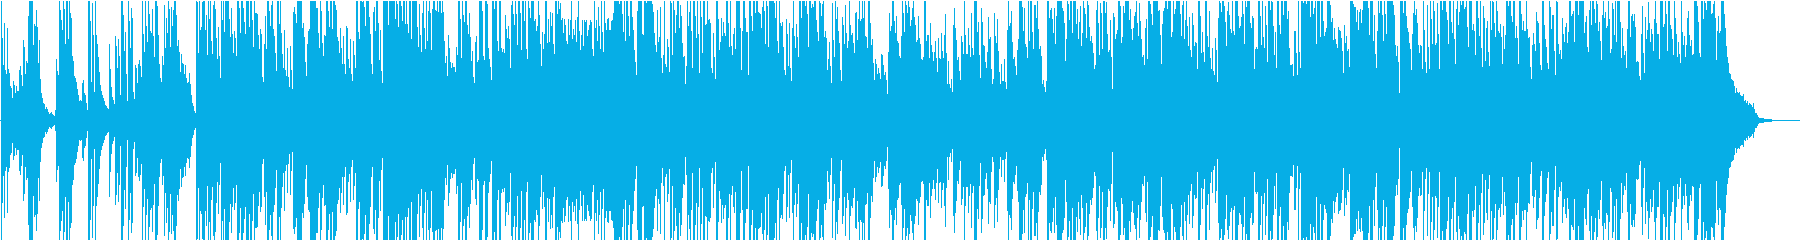 アコギが気持ちいボサノバ系バラードの再生済みの波形